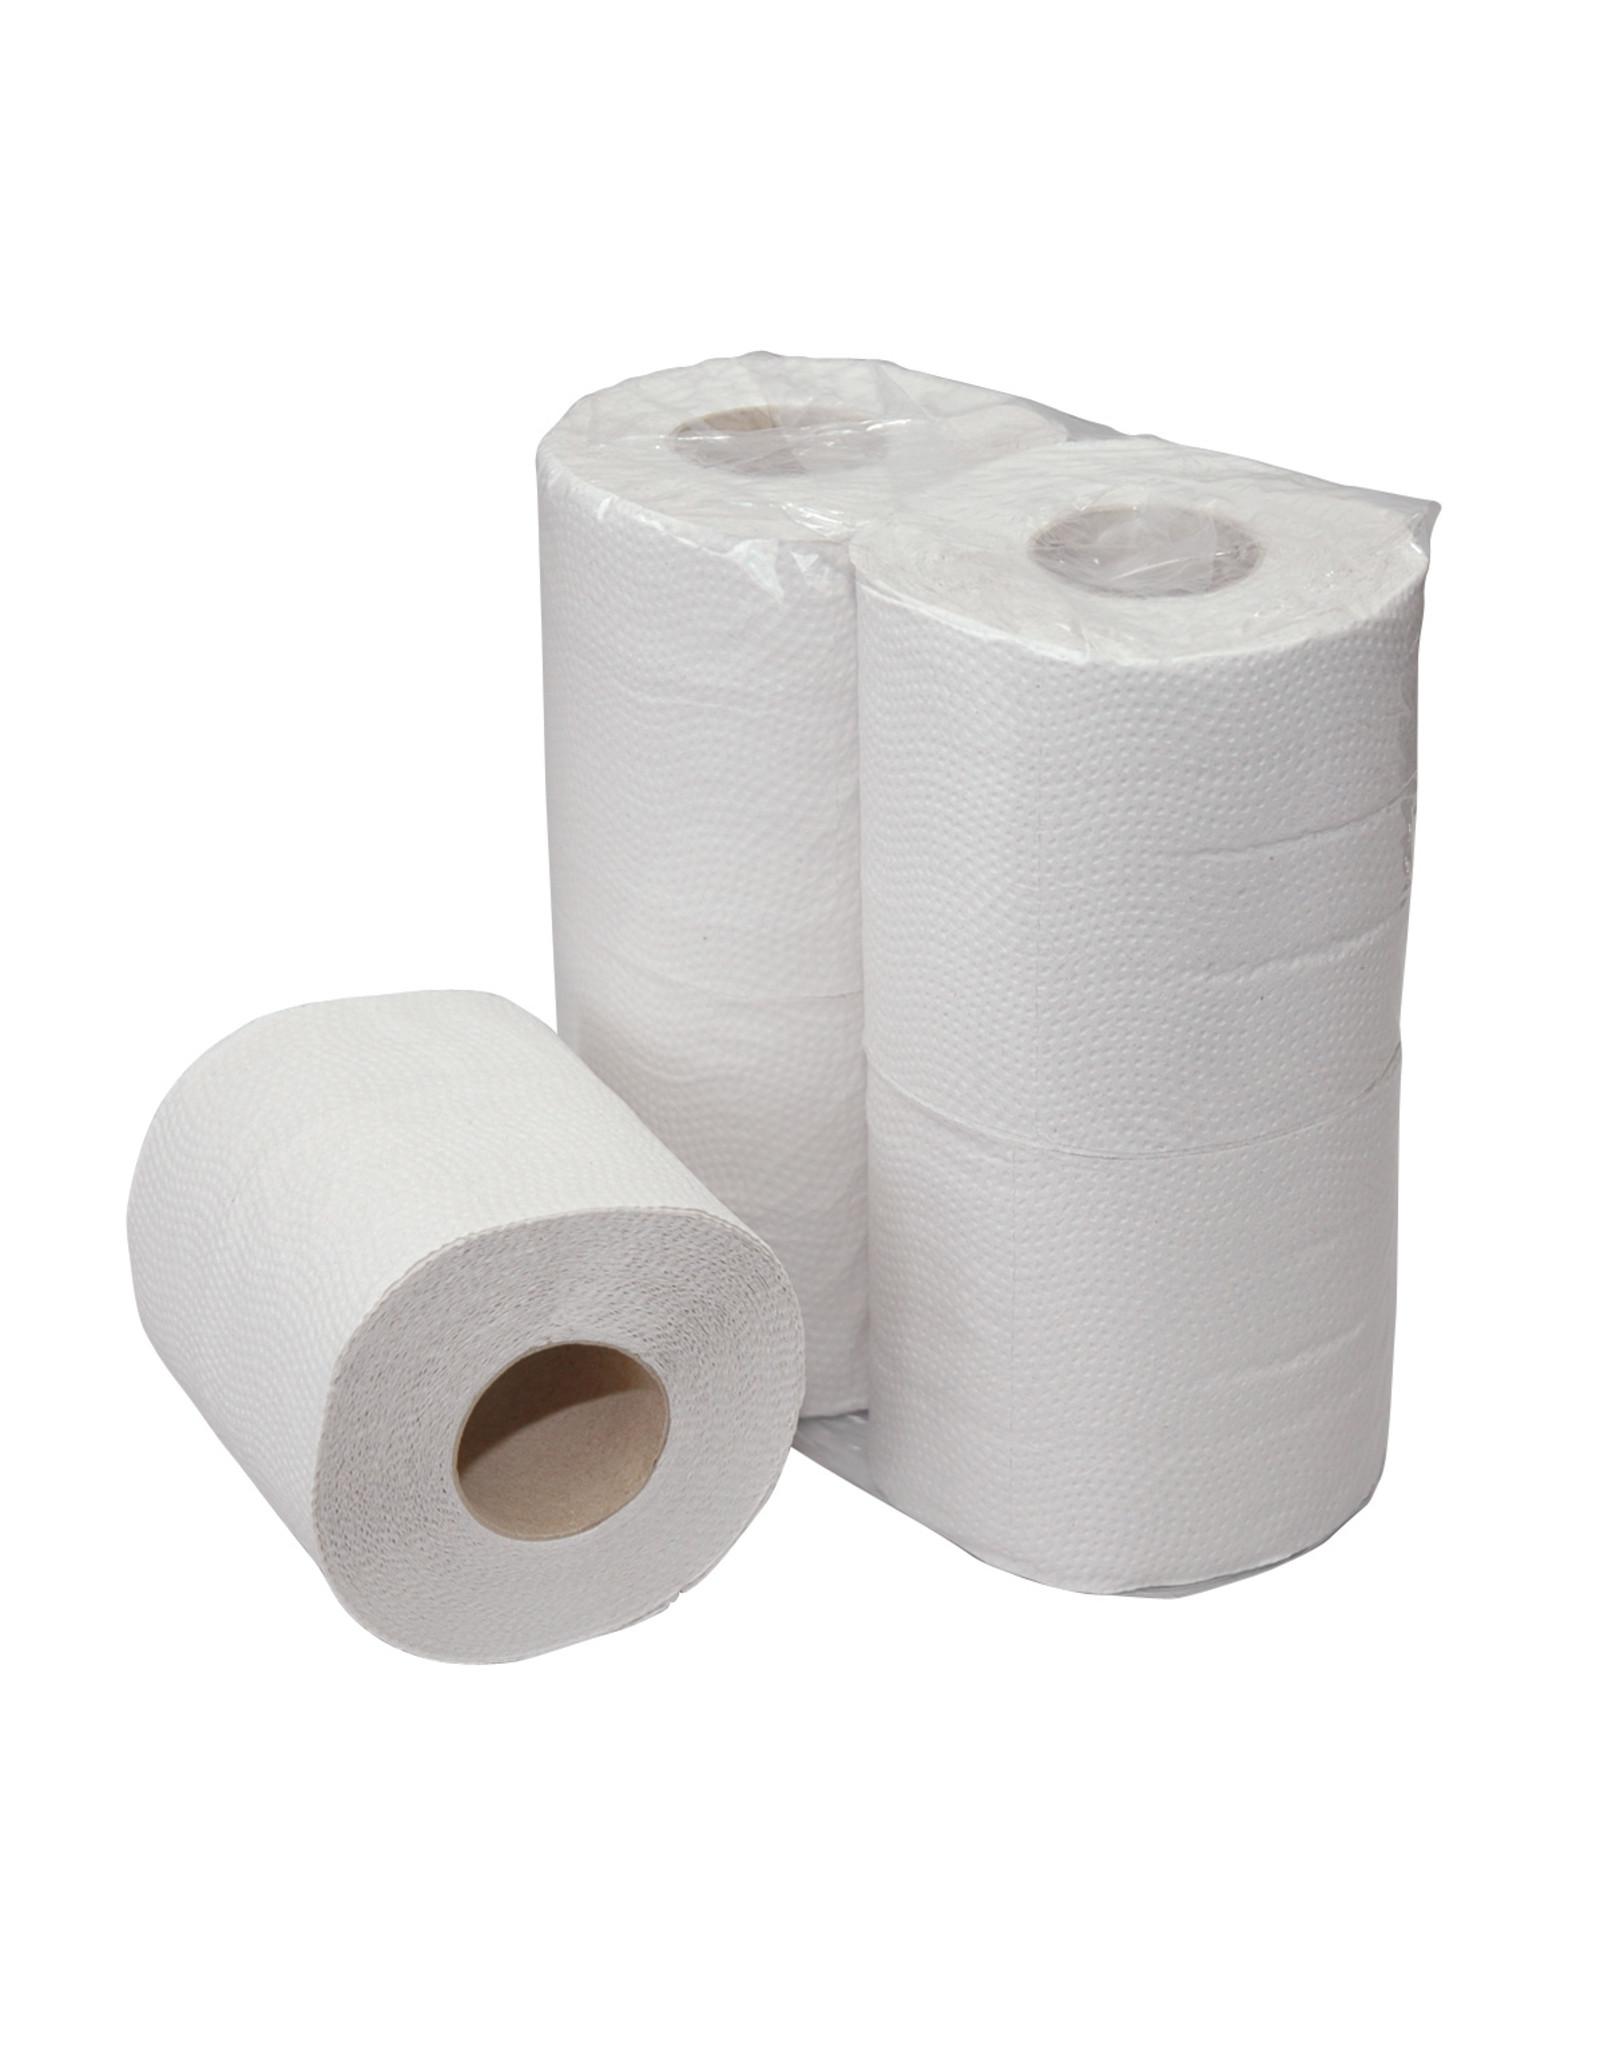 ACOR Traditioneel naturel 1-laags toiletpapier, ideaal voor organisaties en particulieren.